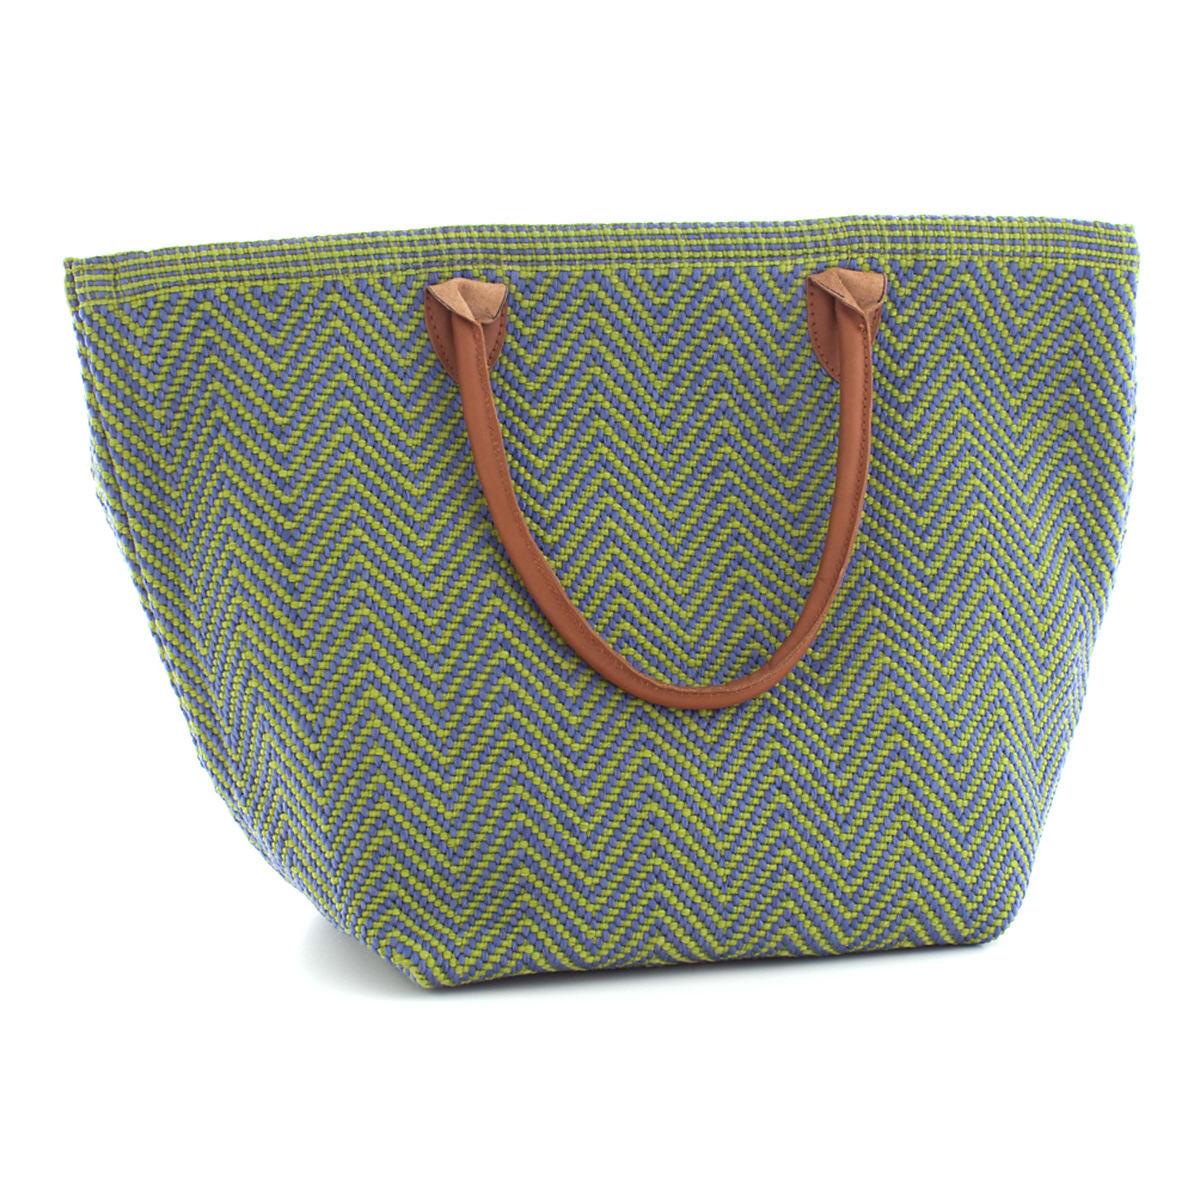 Fresh American Le Tote Denim/Sprout Tote Bag Moyen